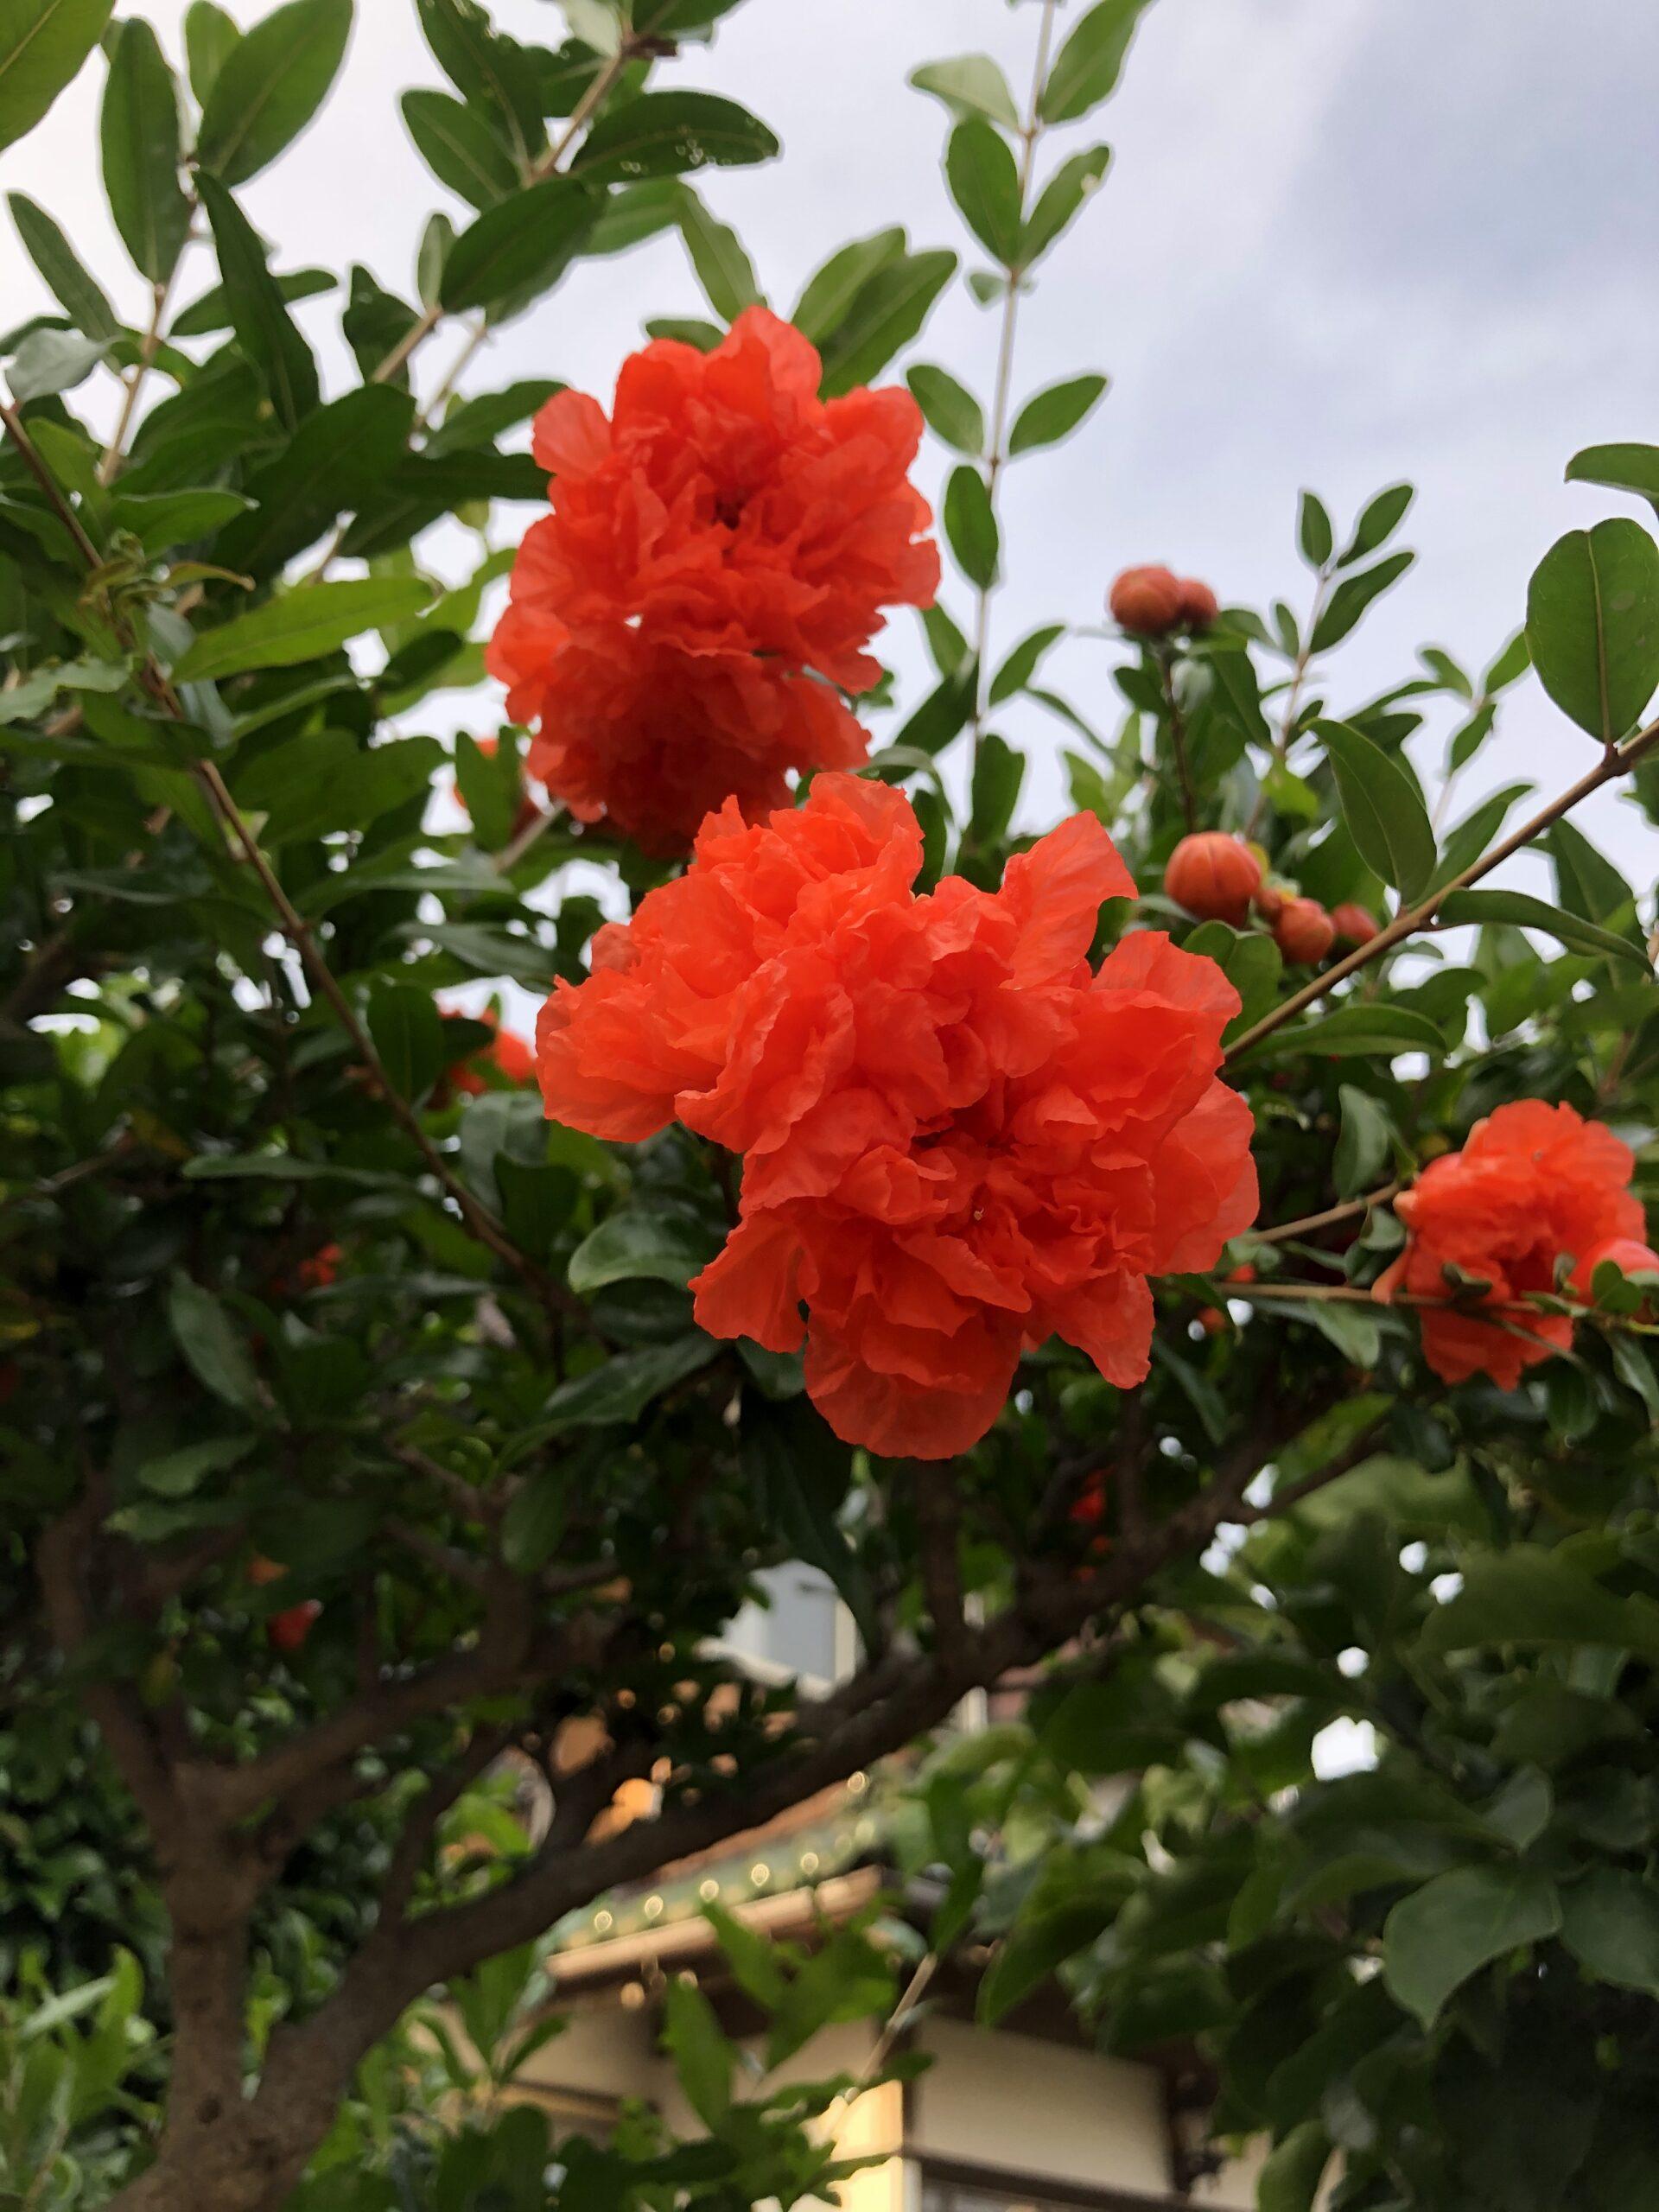 ザクロの八重の花の投稿写真